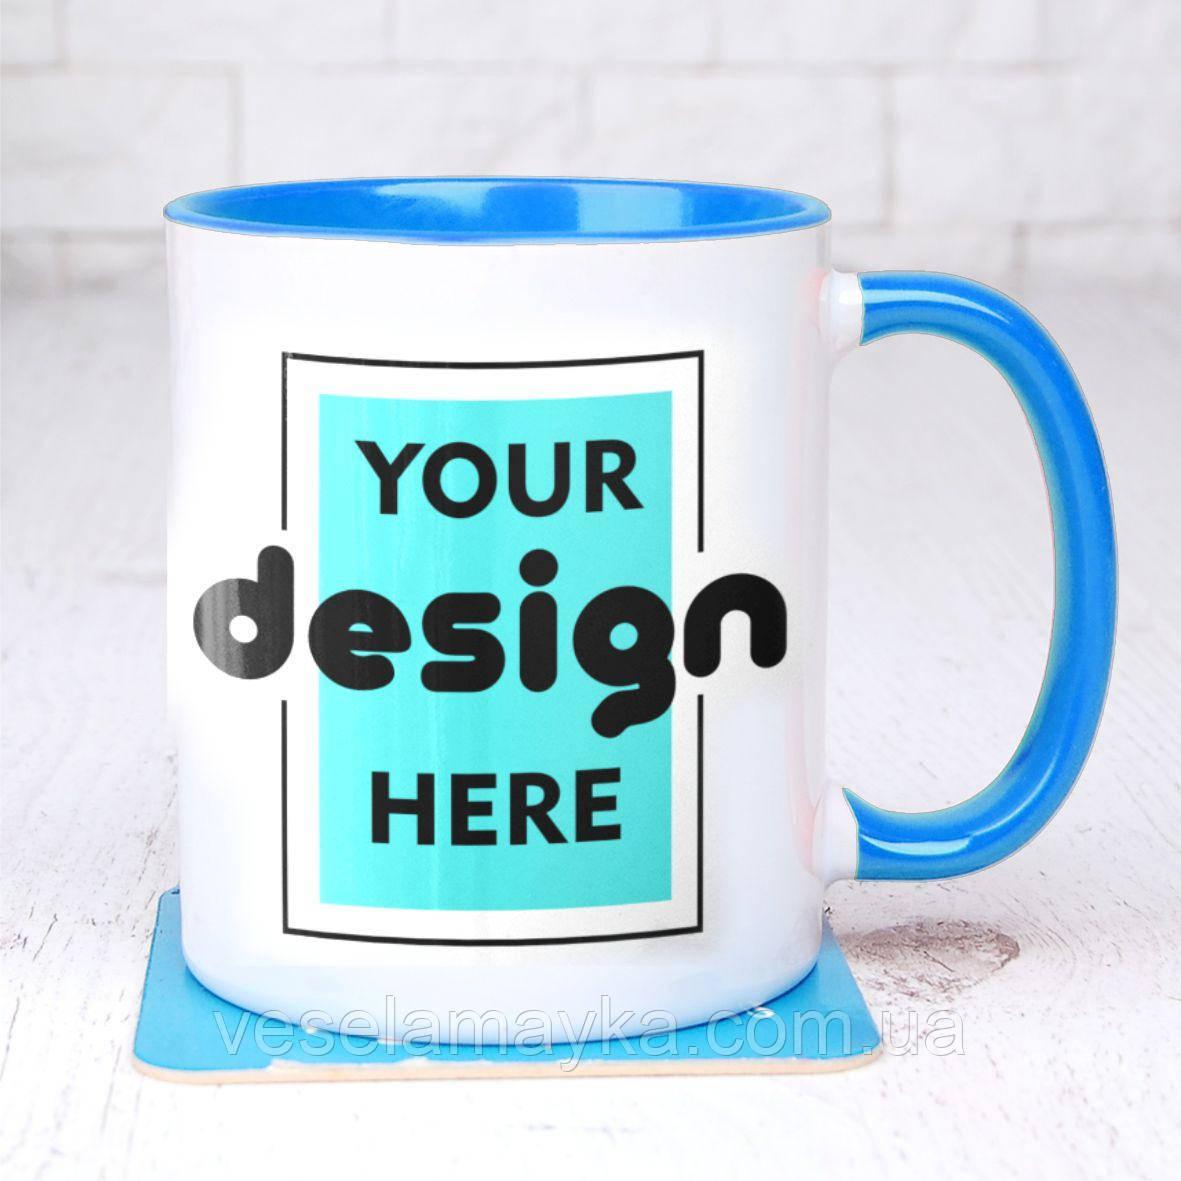 Печать на чашках (Голубая середина и ручка)